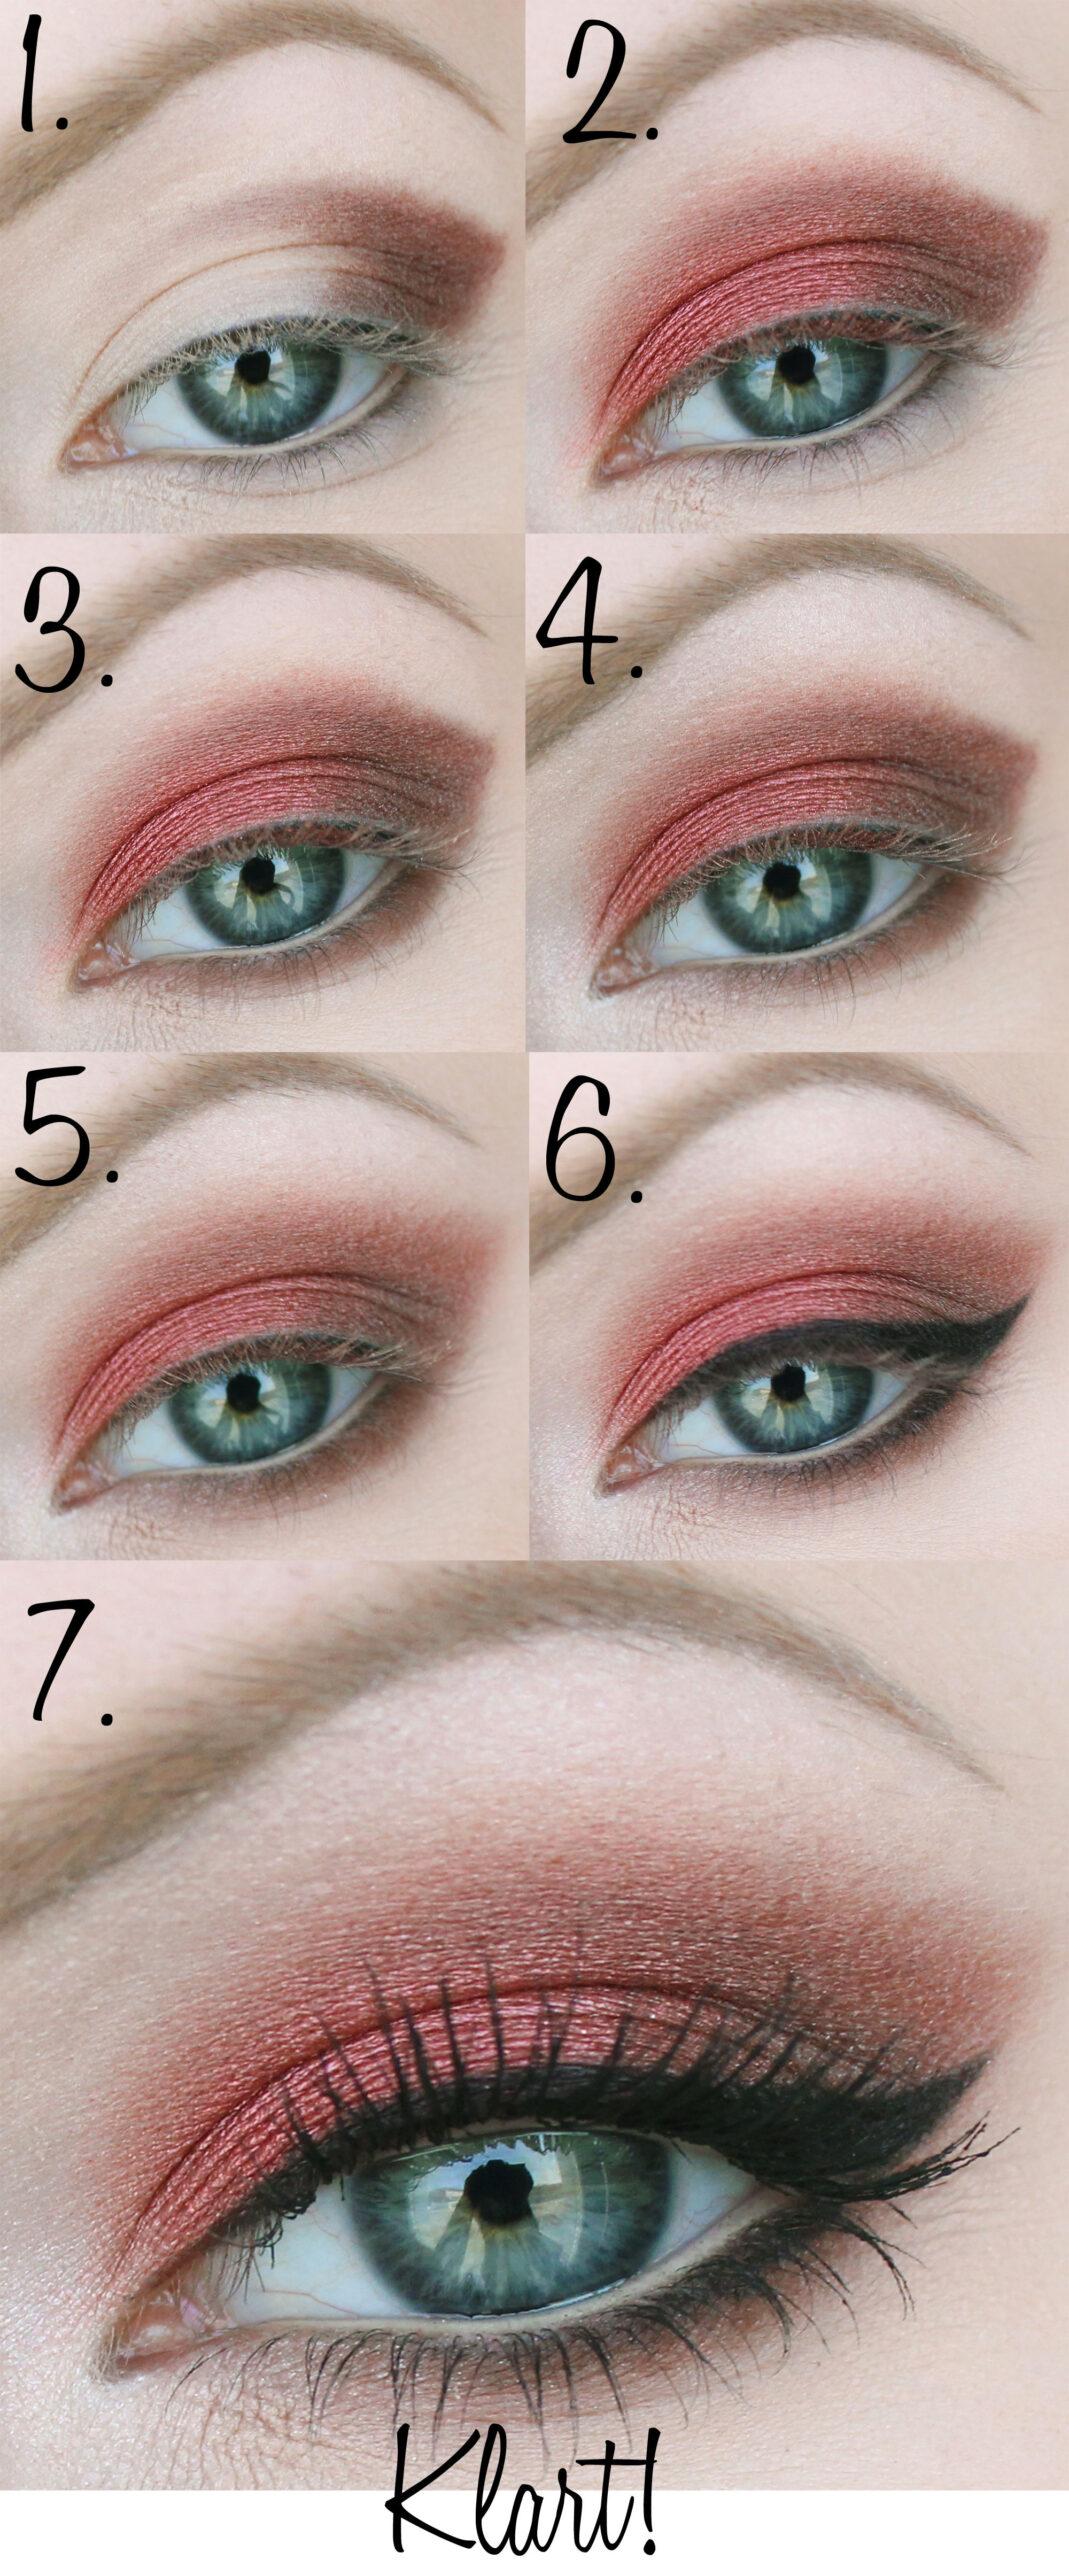 maroon-sweeping-step-by-step